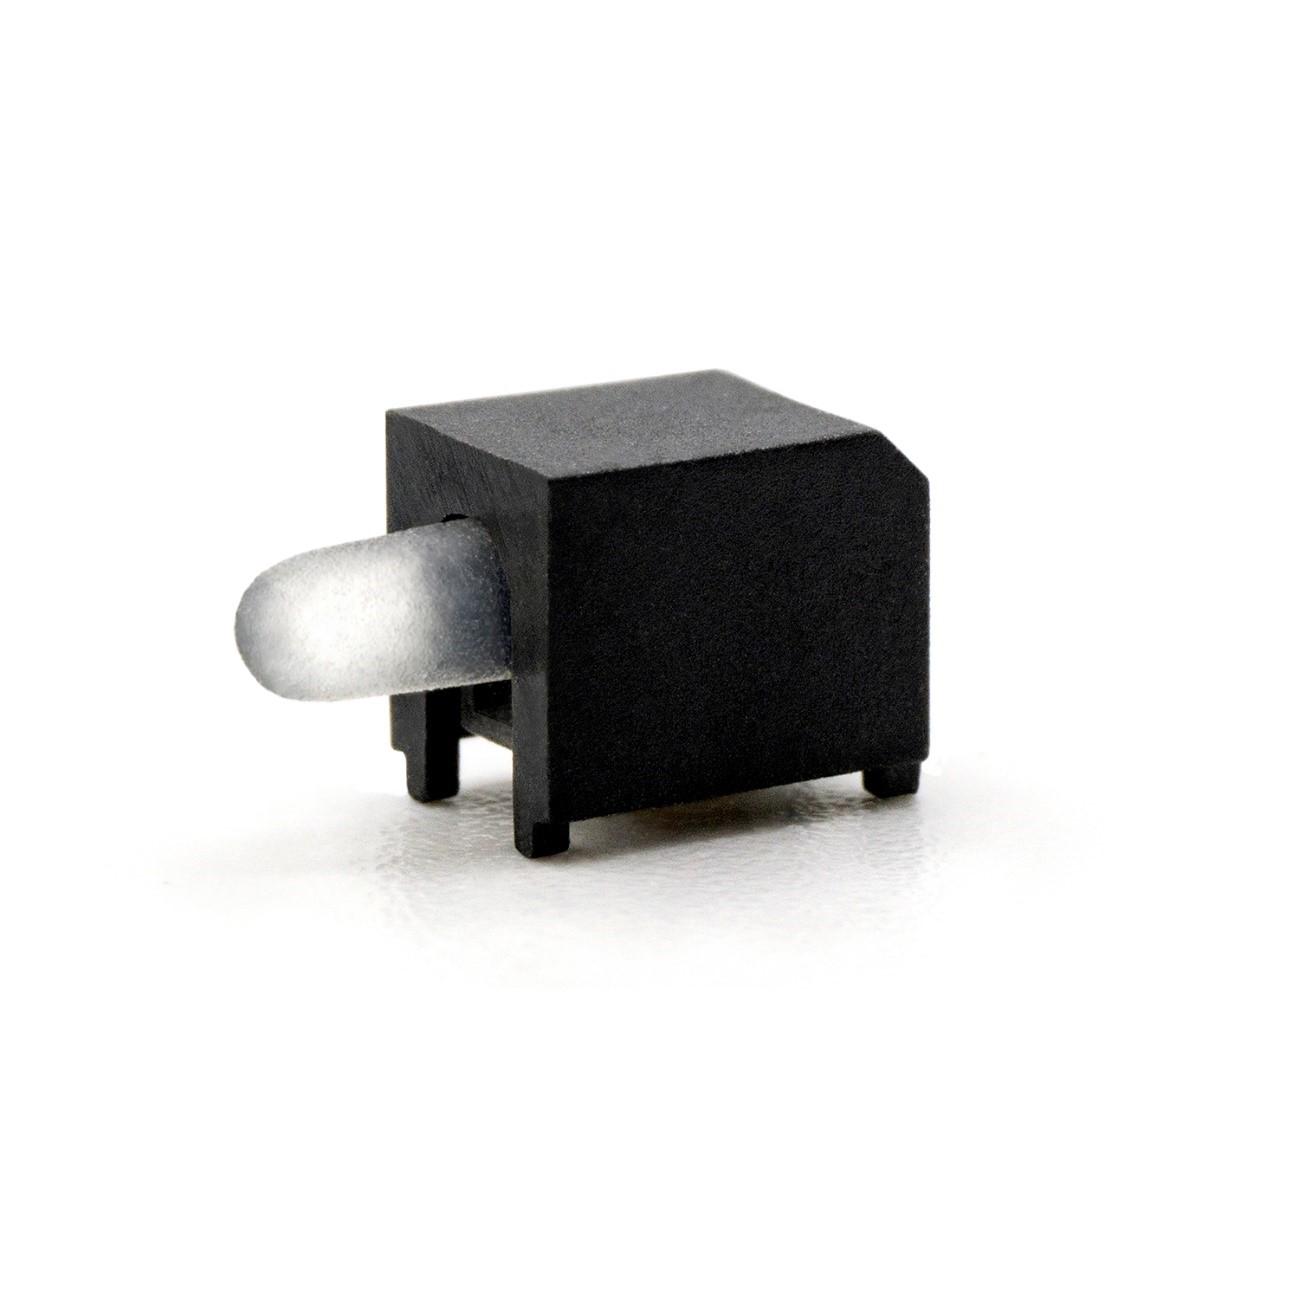 【新製品情報】Dialight社製 594シリーズのご紹介<最小SMD(サーフェスマウントデバイス)>